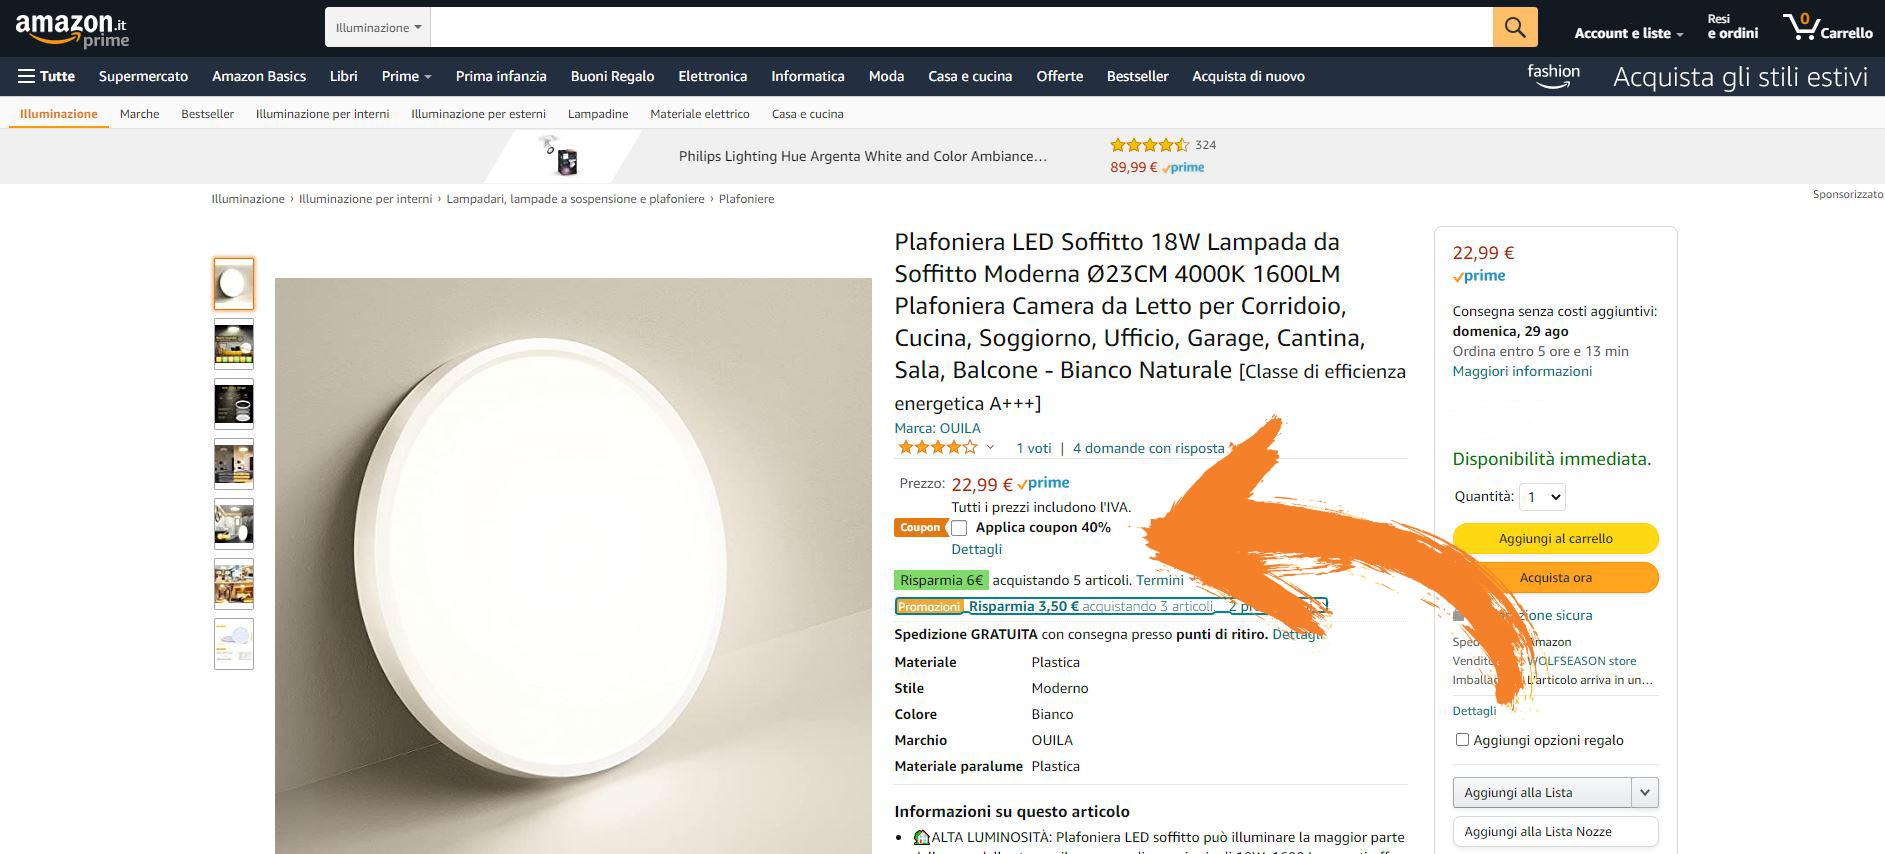 Amazon coupon come funziona e quanto si risparmia GosuMania